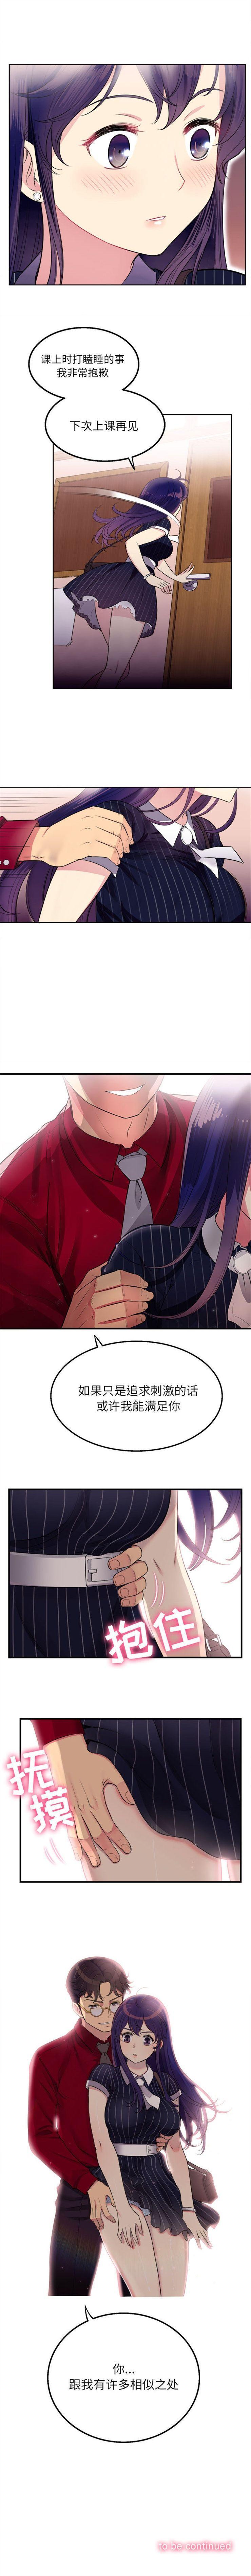 由莉的秘密1-60 中文翻译 (更新中) 27